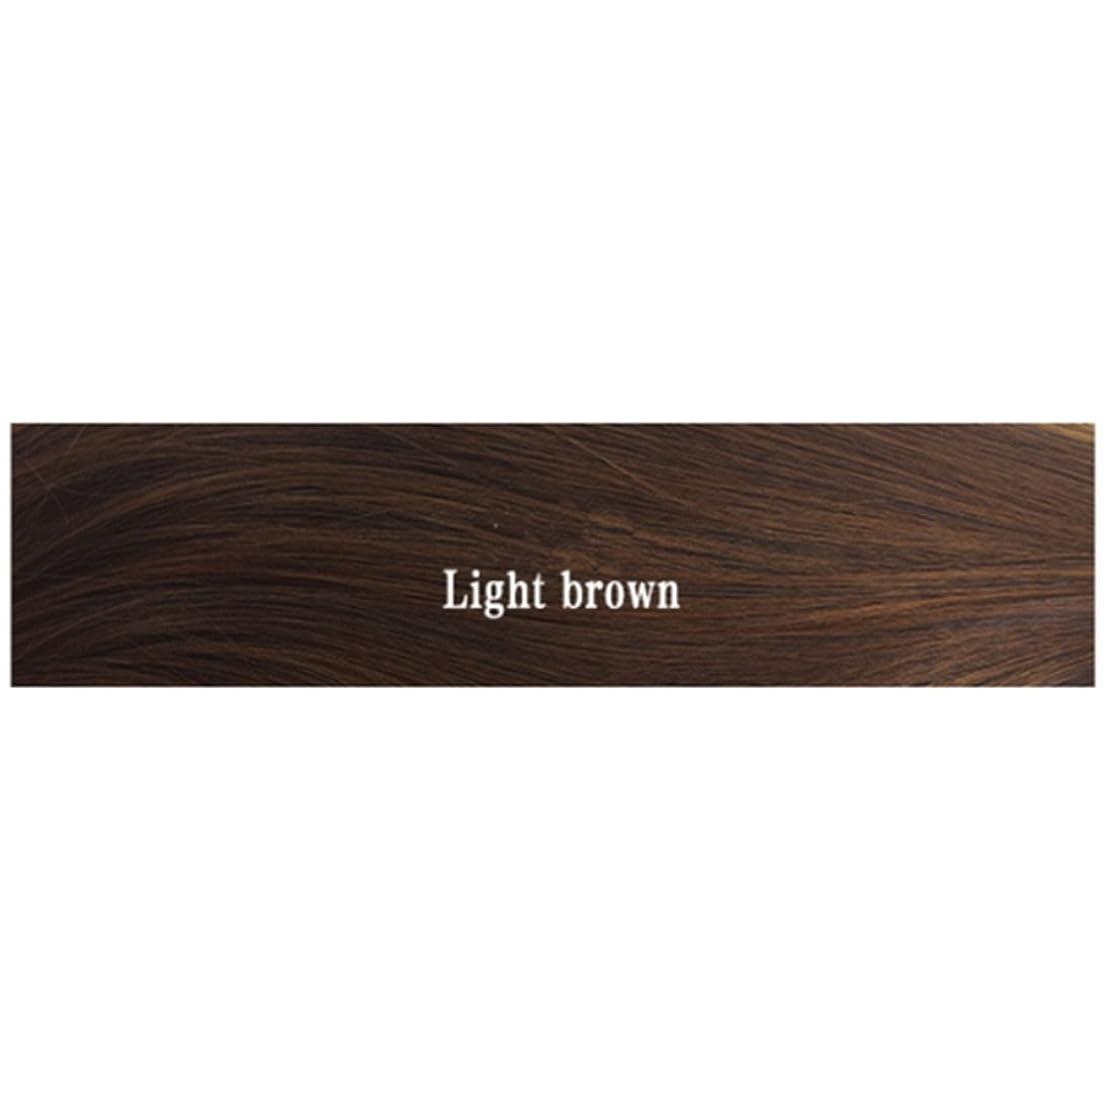 重々しいハンバーガー説明するJIANFU 女性のためのナチュラルカラーウィッグショートボブ合成完全なヘアウィッグ耐熱短いショートストレートウィッグ35センチメートル (Color : Light brown)